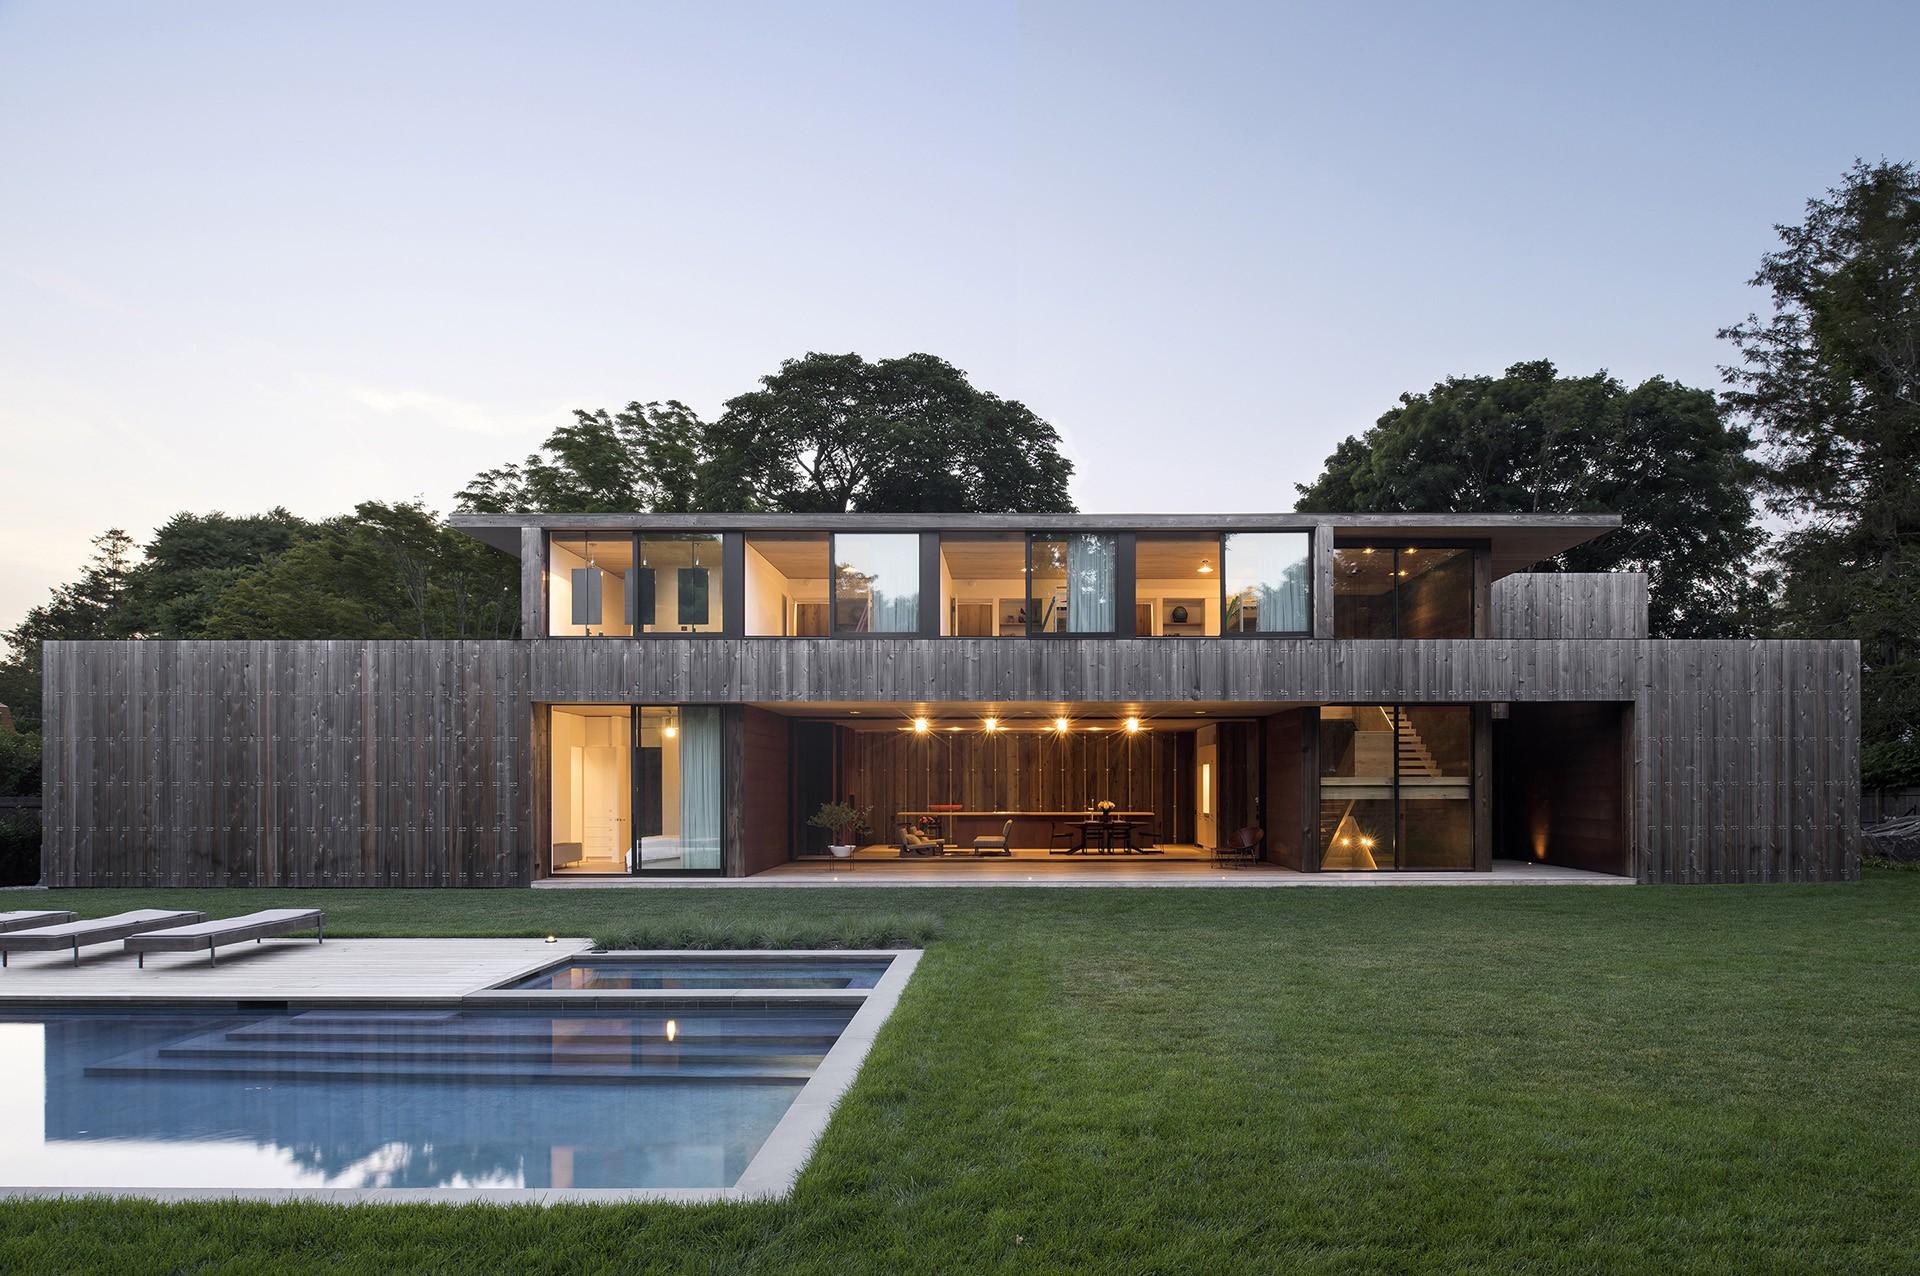 Bates Masi Architects